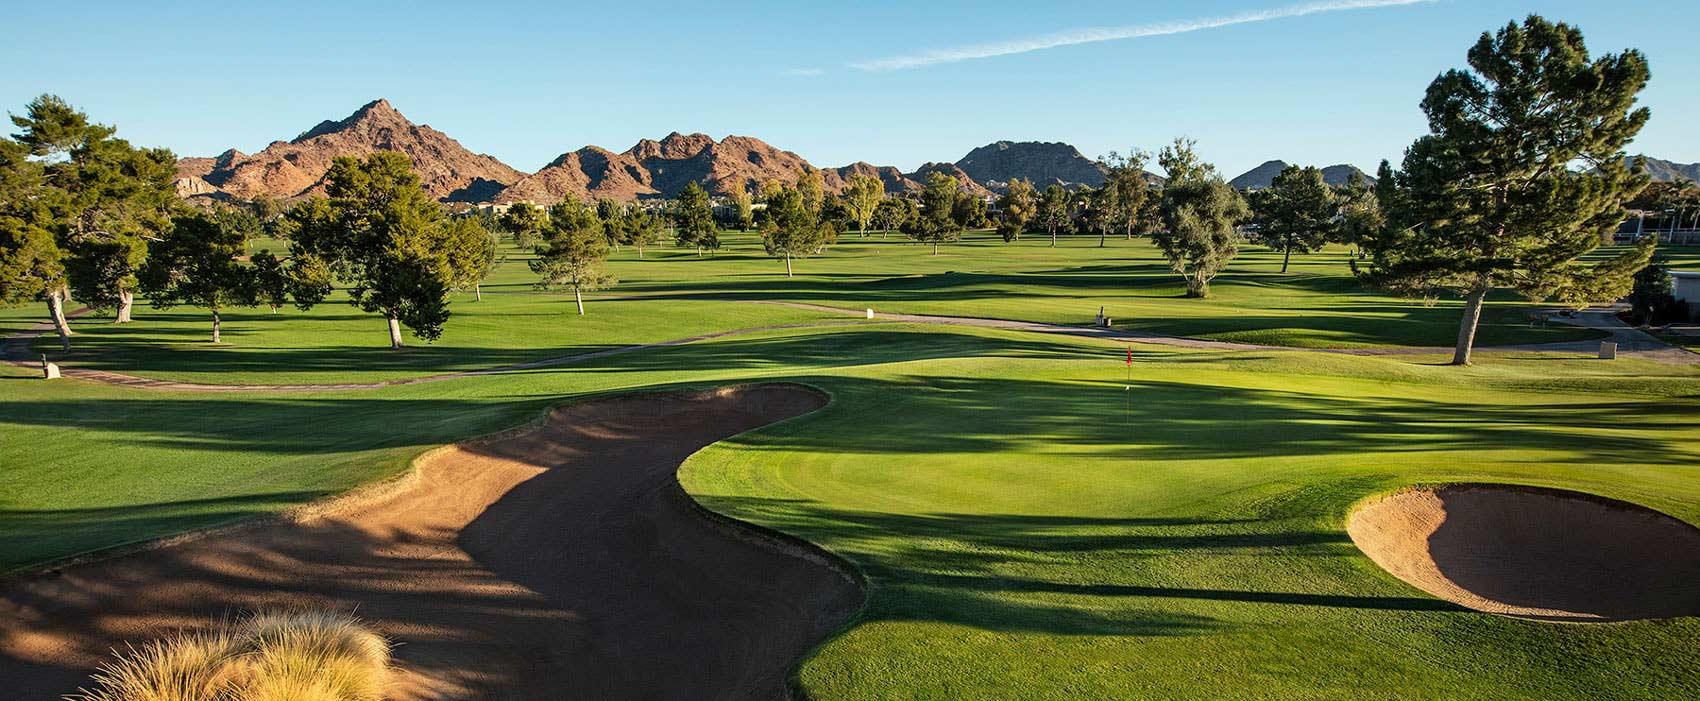 golf deals arizona